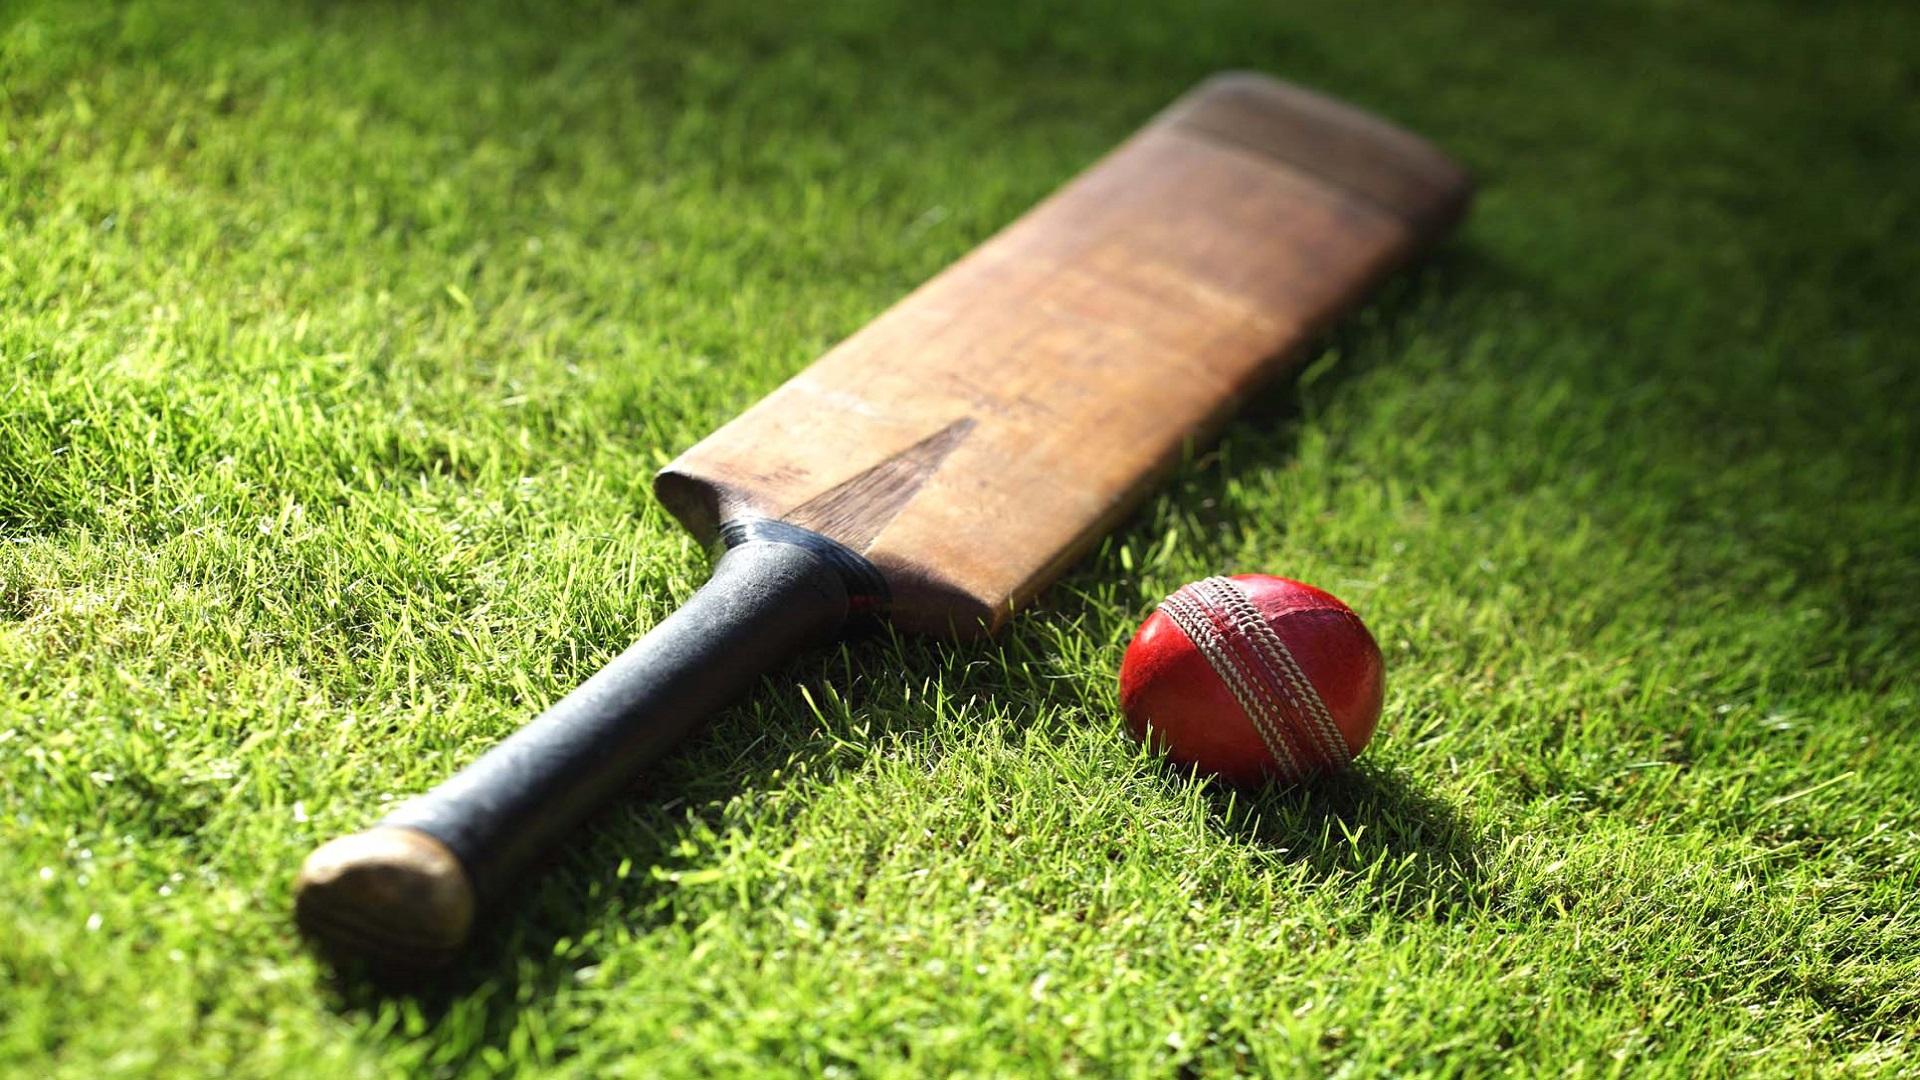 श्रीलंका के खिलाफ वनडे श्रृंखला के शुरू होने से पहले 38 शतक लगाने वाले दिग्गज ने अचानक से लिया सन्यास